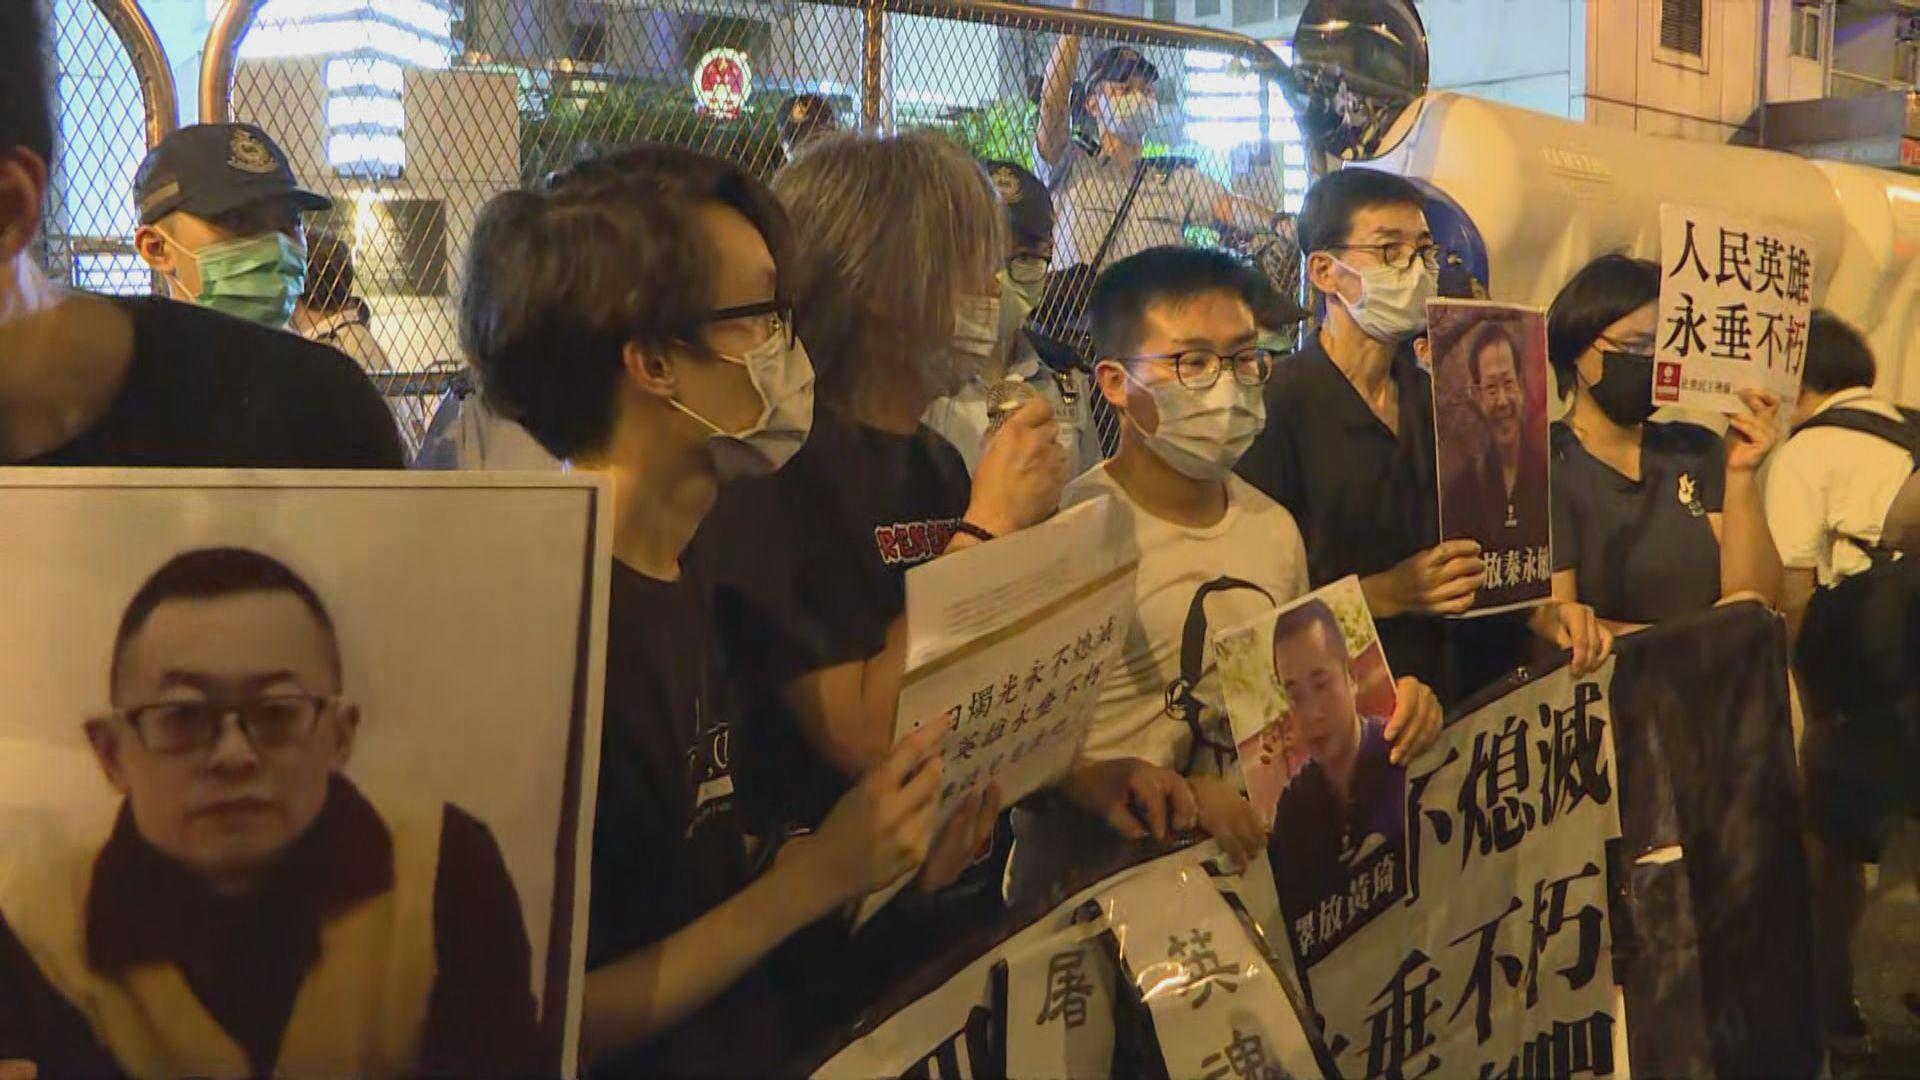 維園集會結束後社民聯到中聯辦外抗議